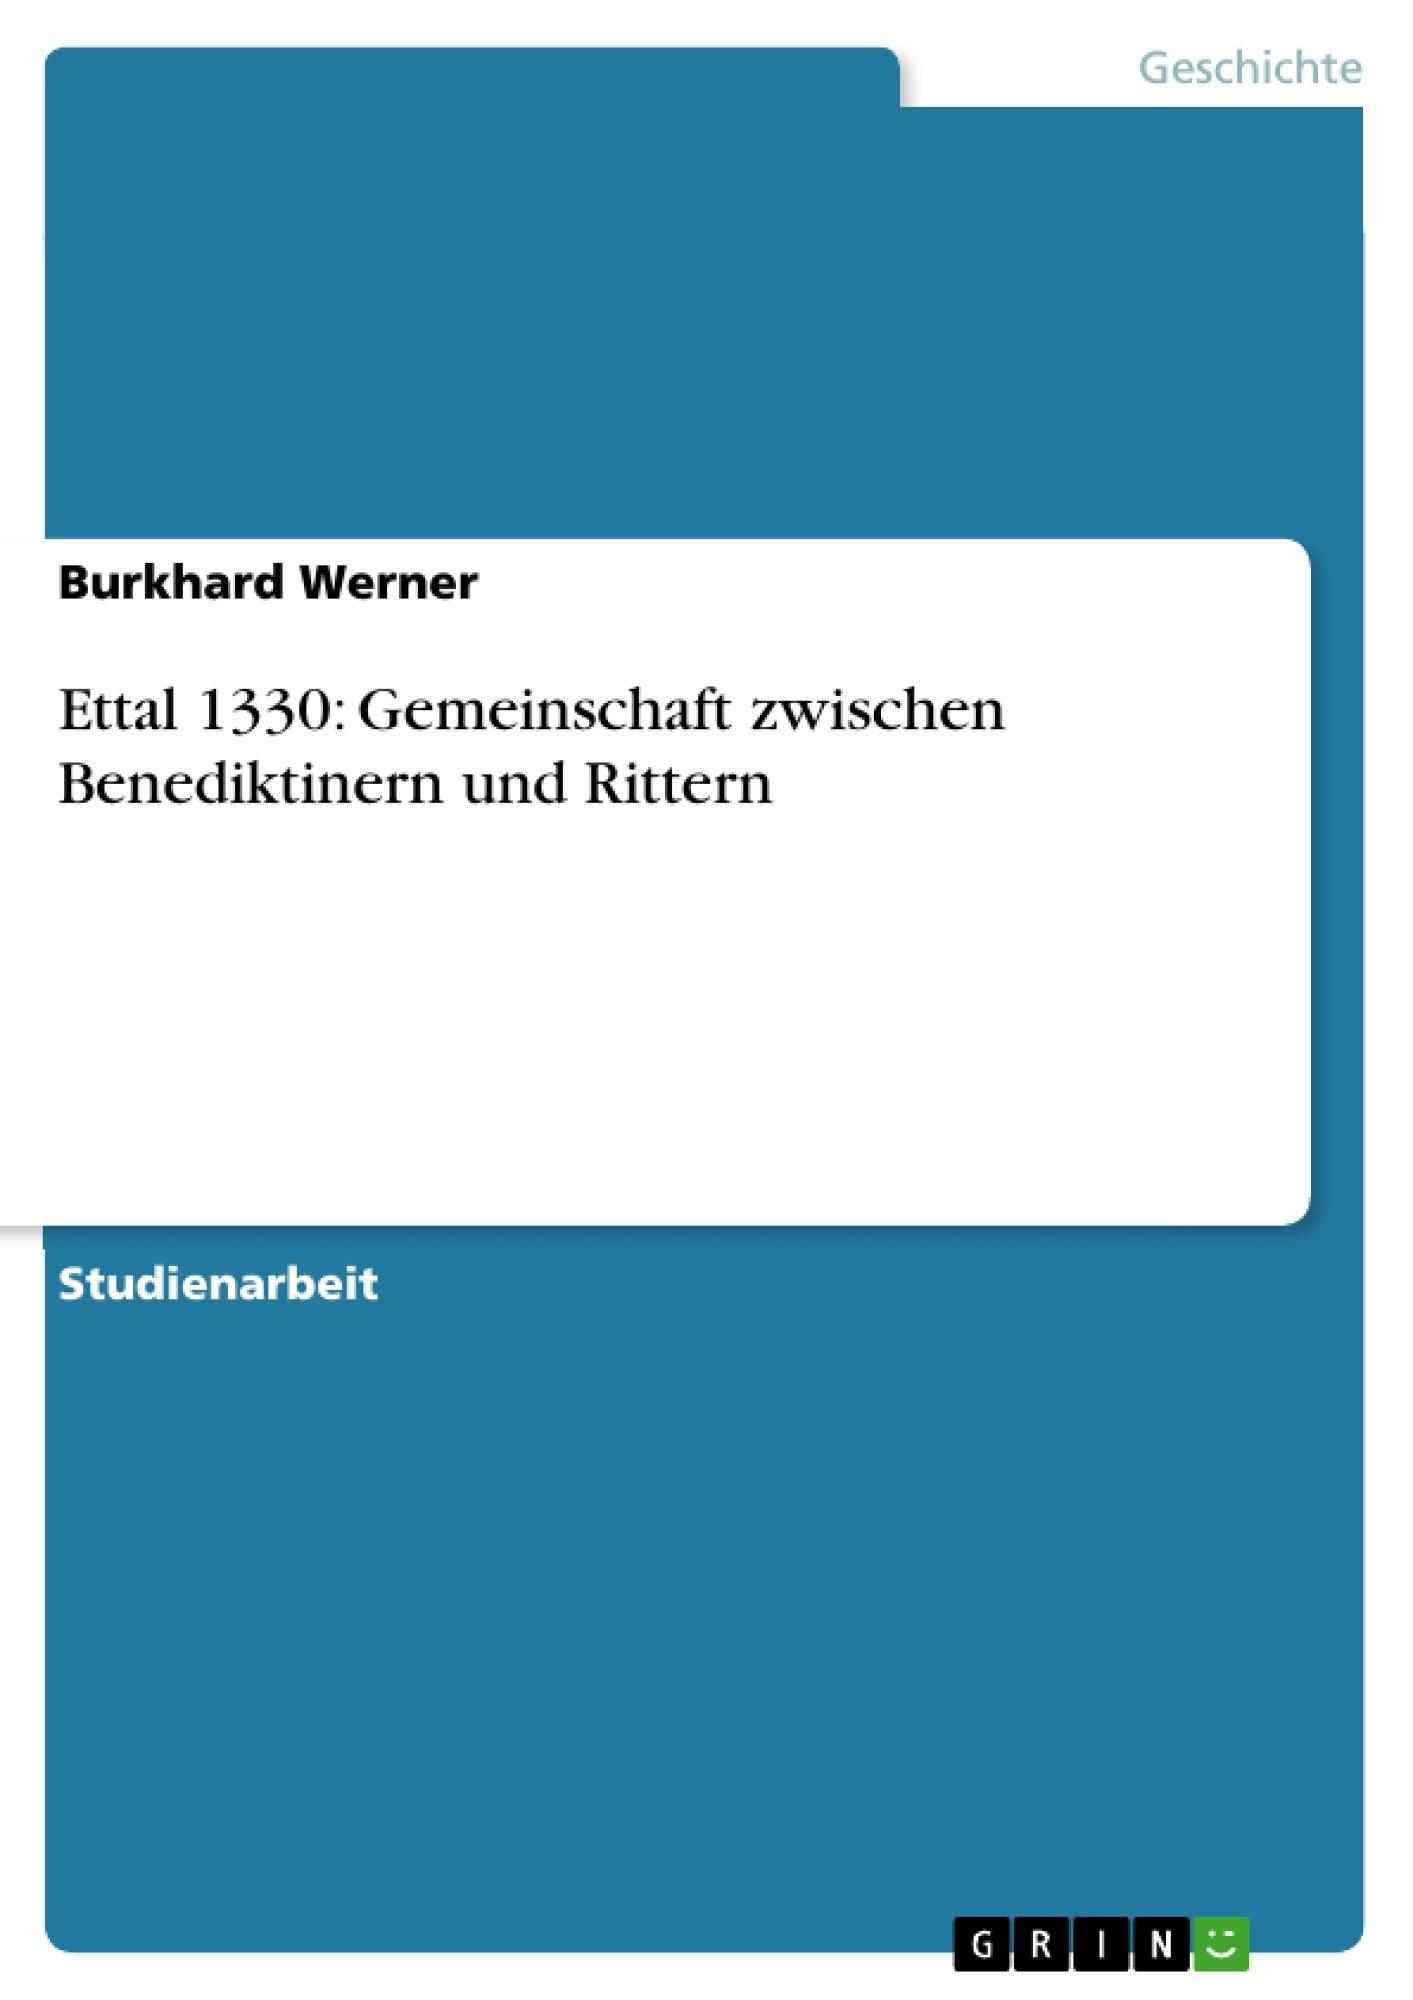 Titel: Ettal 1330: Gemeinschaft zwischen Benediktinern und  Rittern